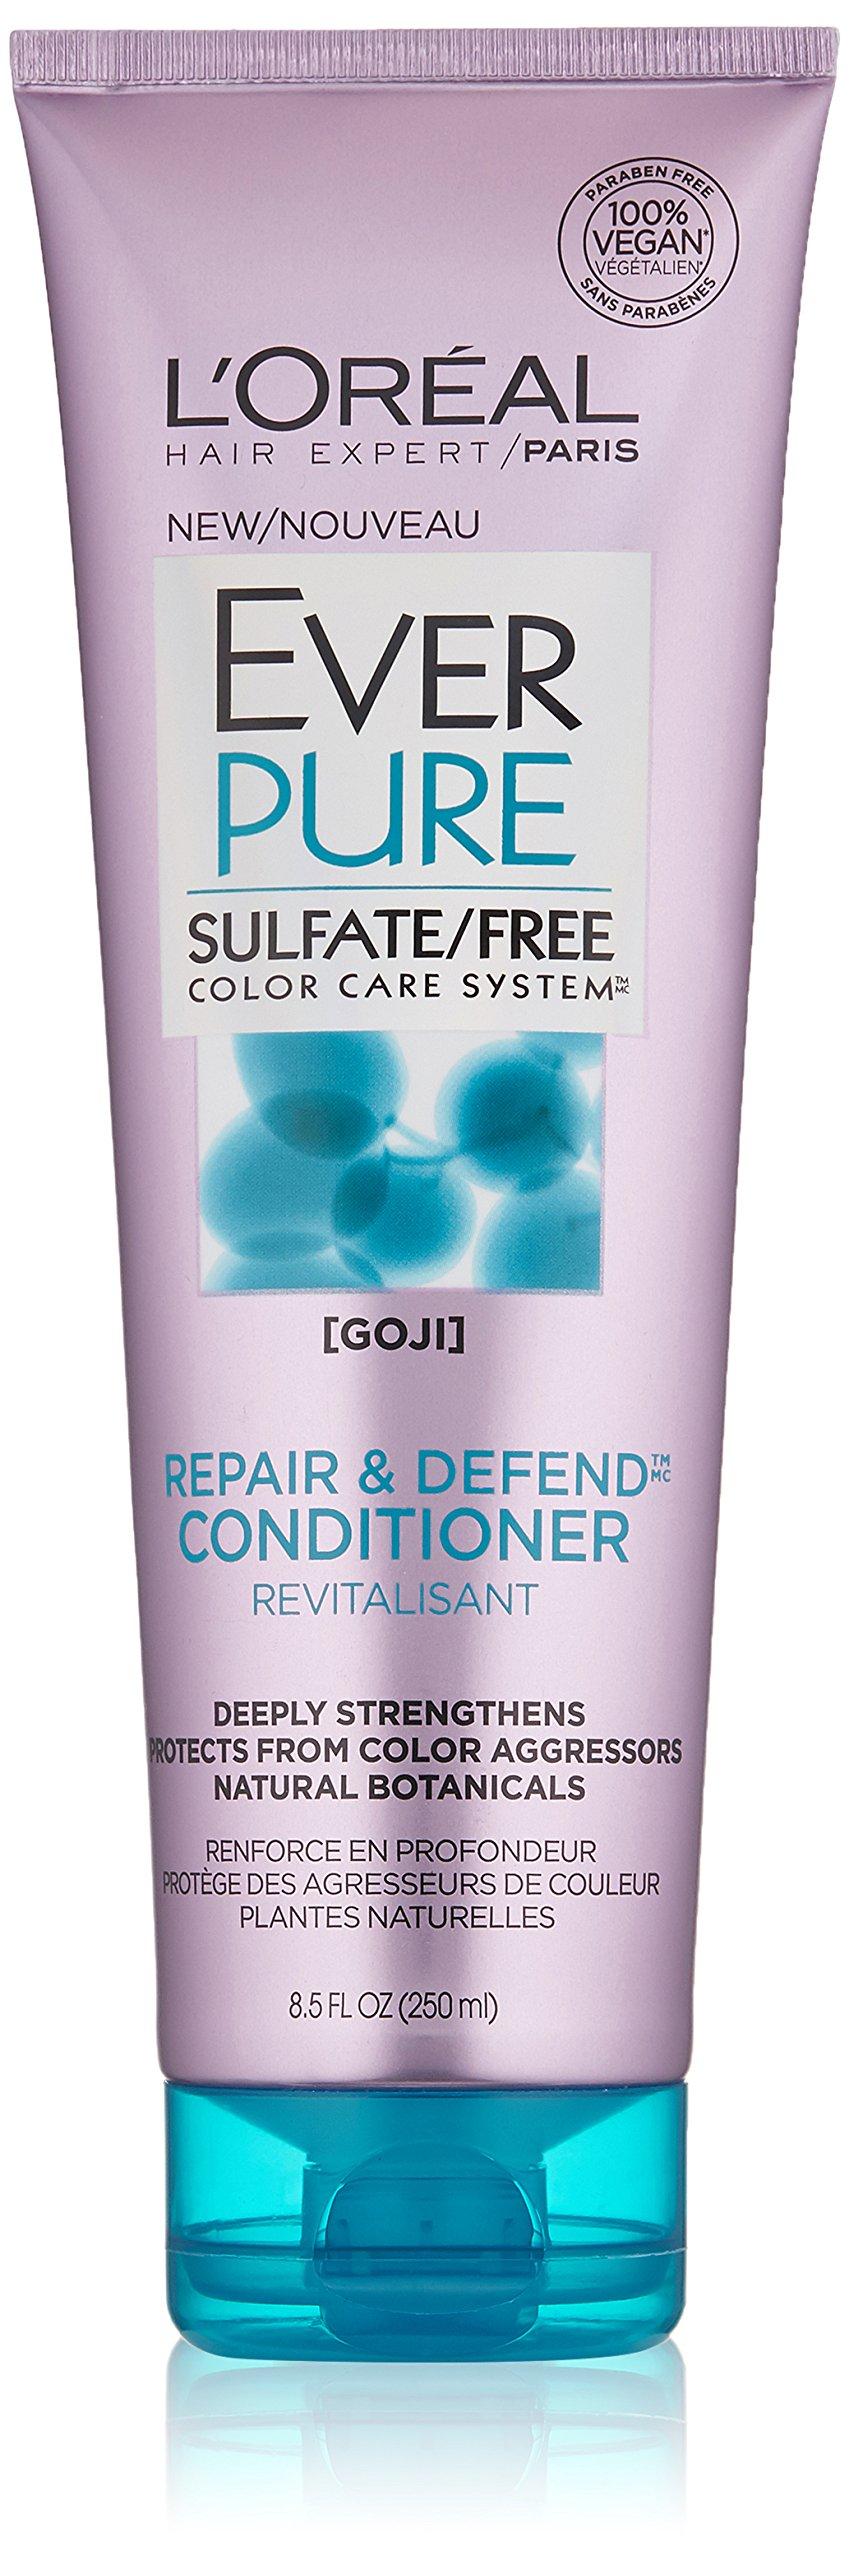 L'Oréal Paris EverPure Sulfate Free Repair and Defend Conditioner, 8.5 fl. oz.